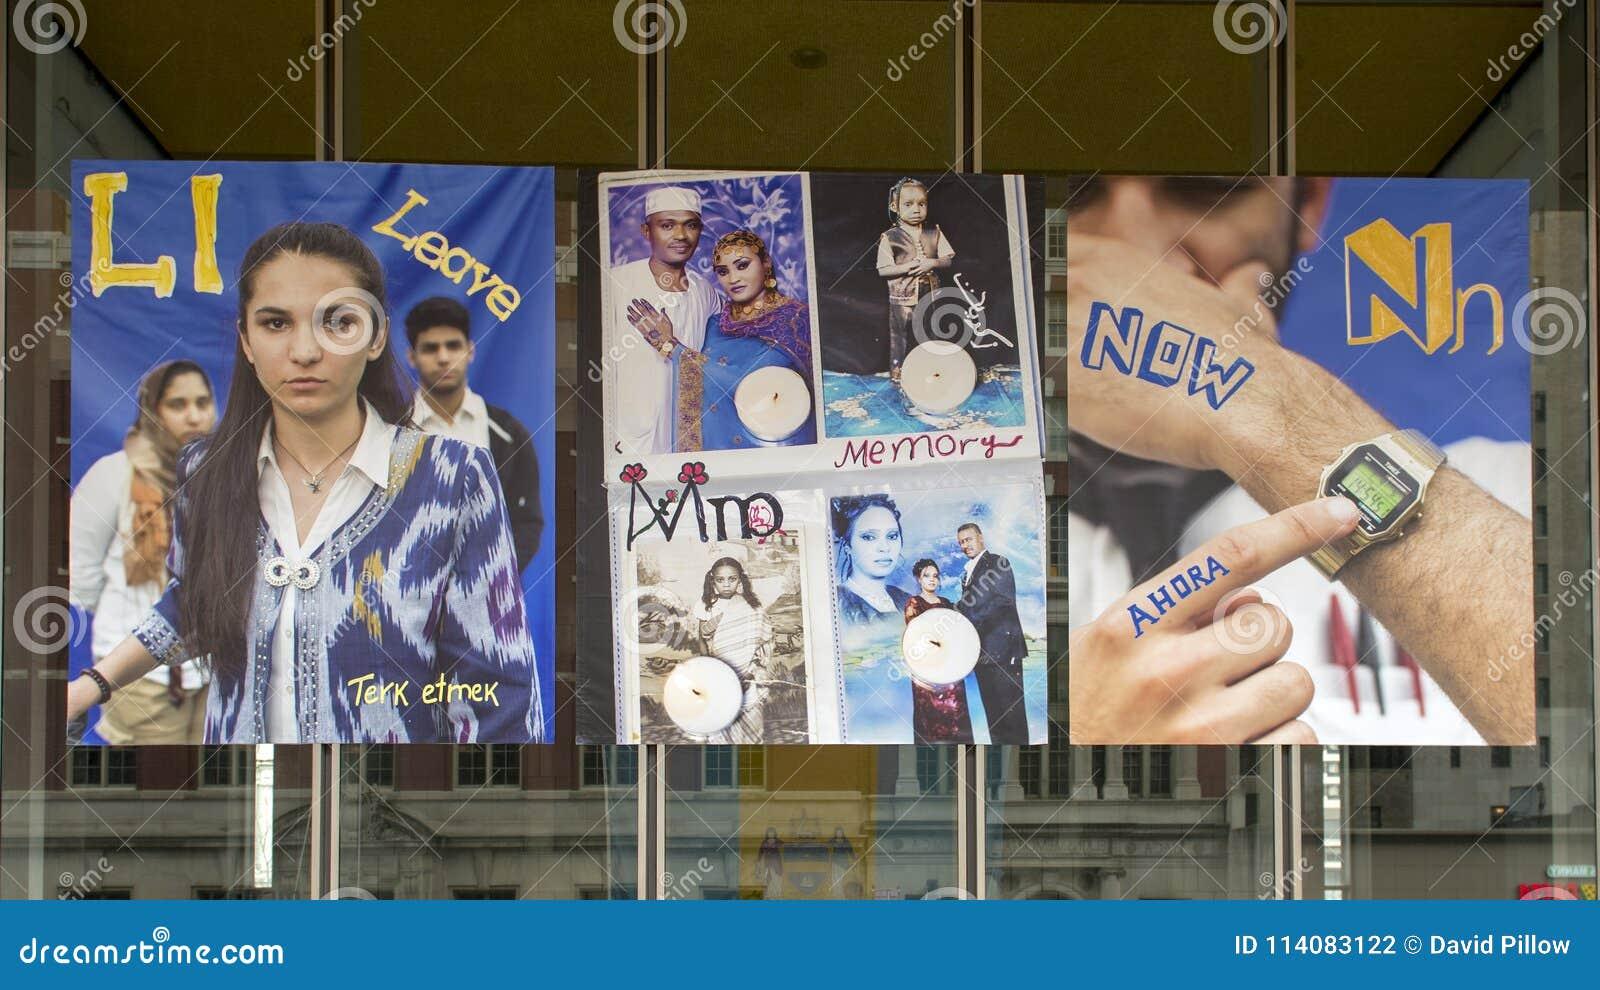 Letras L para a licença, M para bandeiras do vinil da memória, e do N por agora, projeto imigrante do alfabeto, Philadelphfia